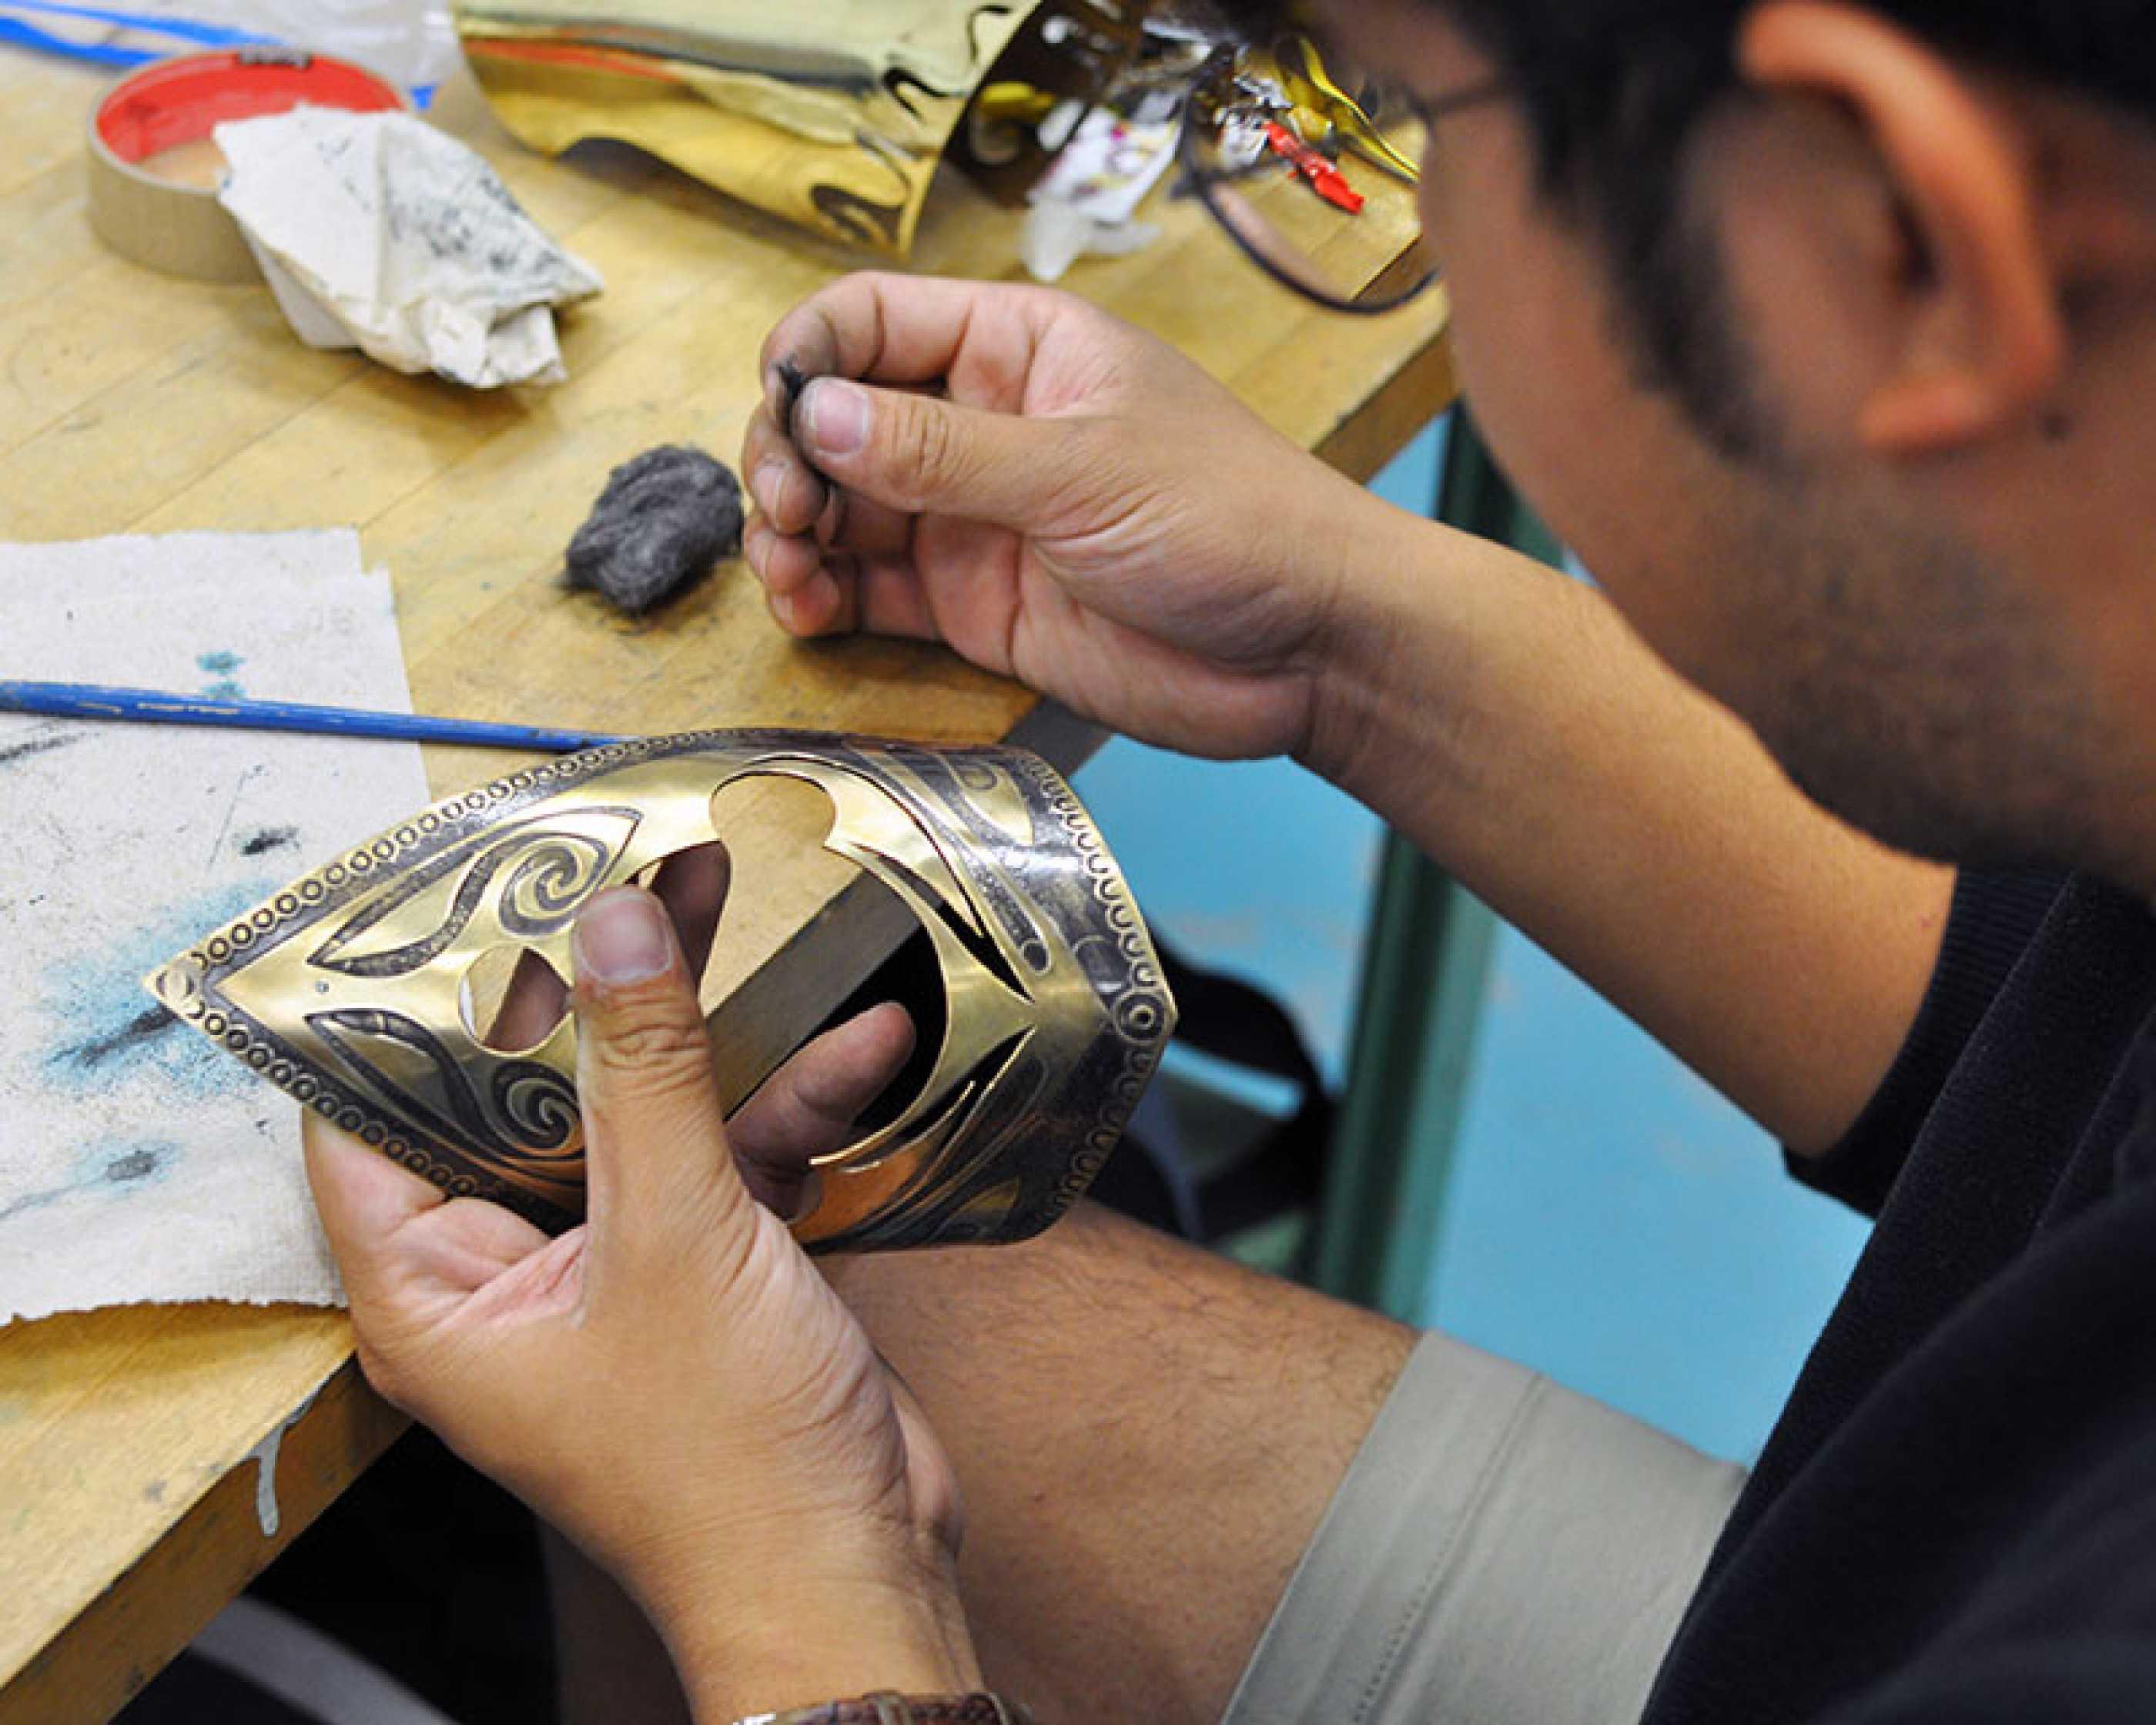 Student working in metals studio